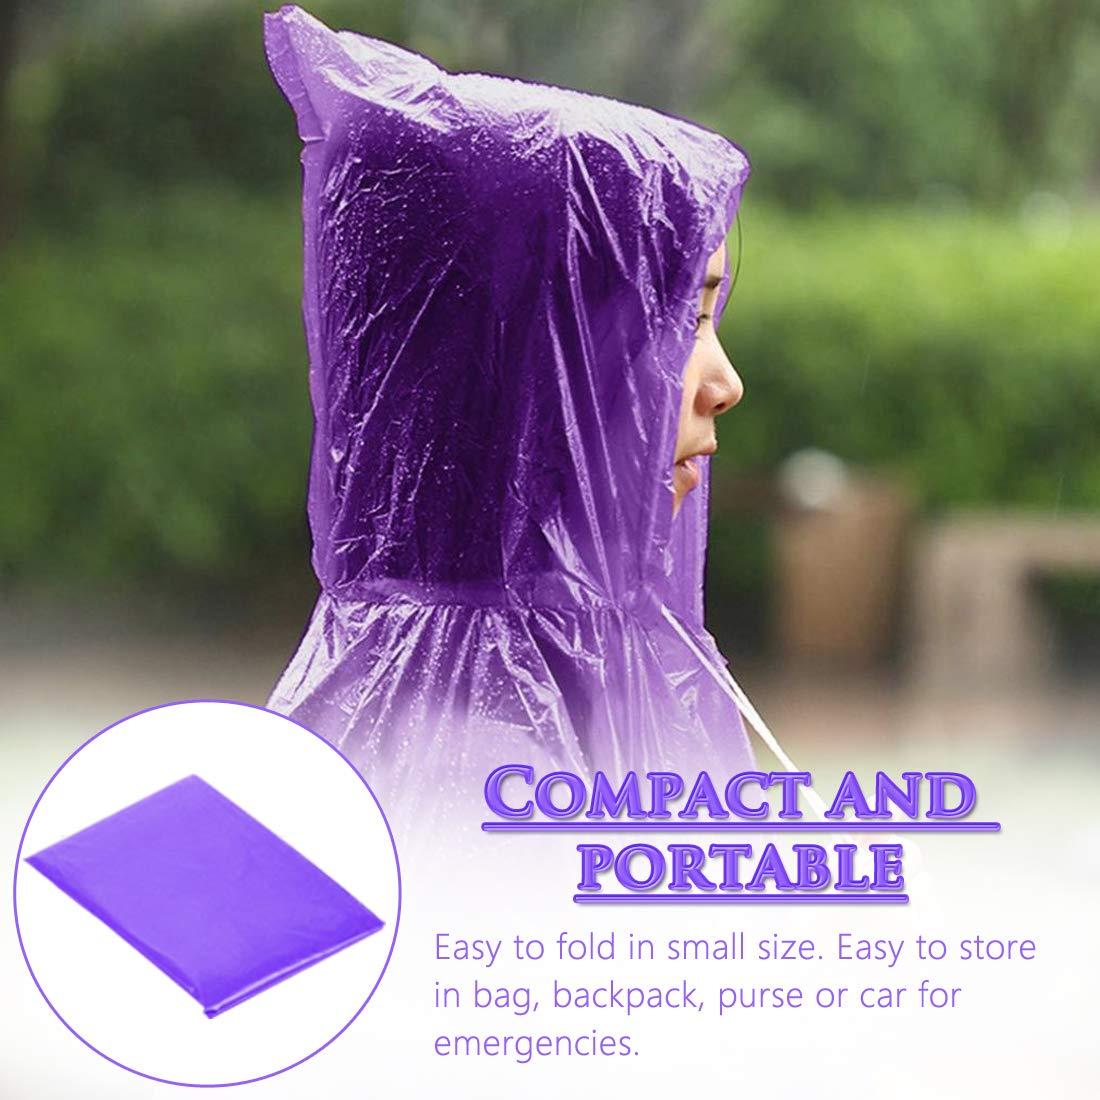 BESTZY Poncho Impermeabile,5Pcs Poncho da Pioggia Portable Adulto Raincoat,Emergency Poncho Antipioggia Monouso per Escursionismo,Camminata in Montagna